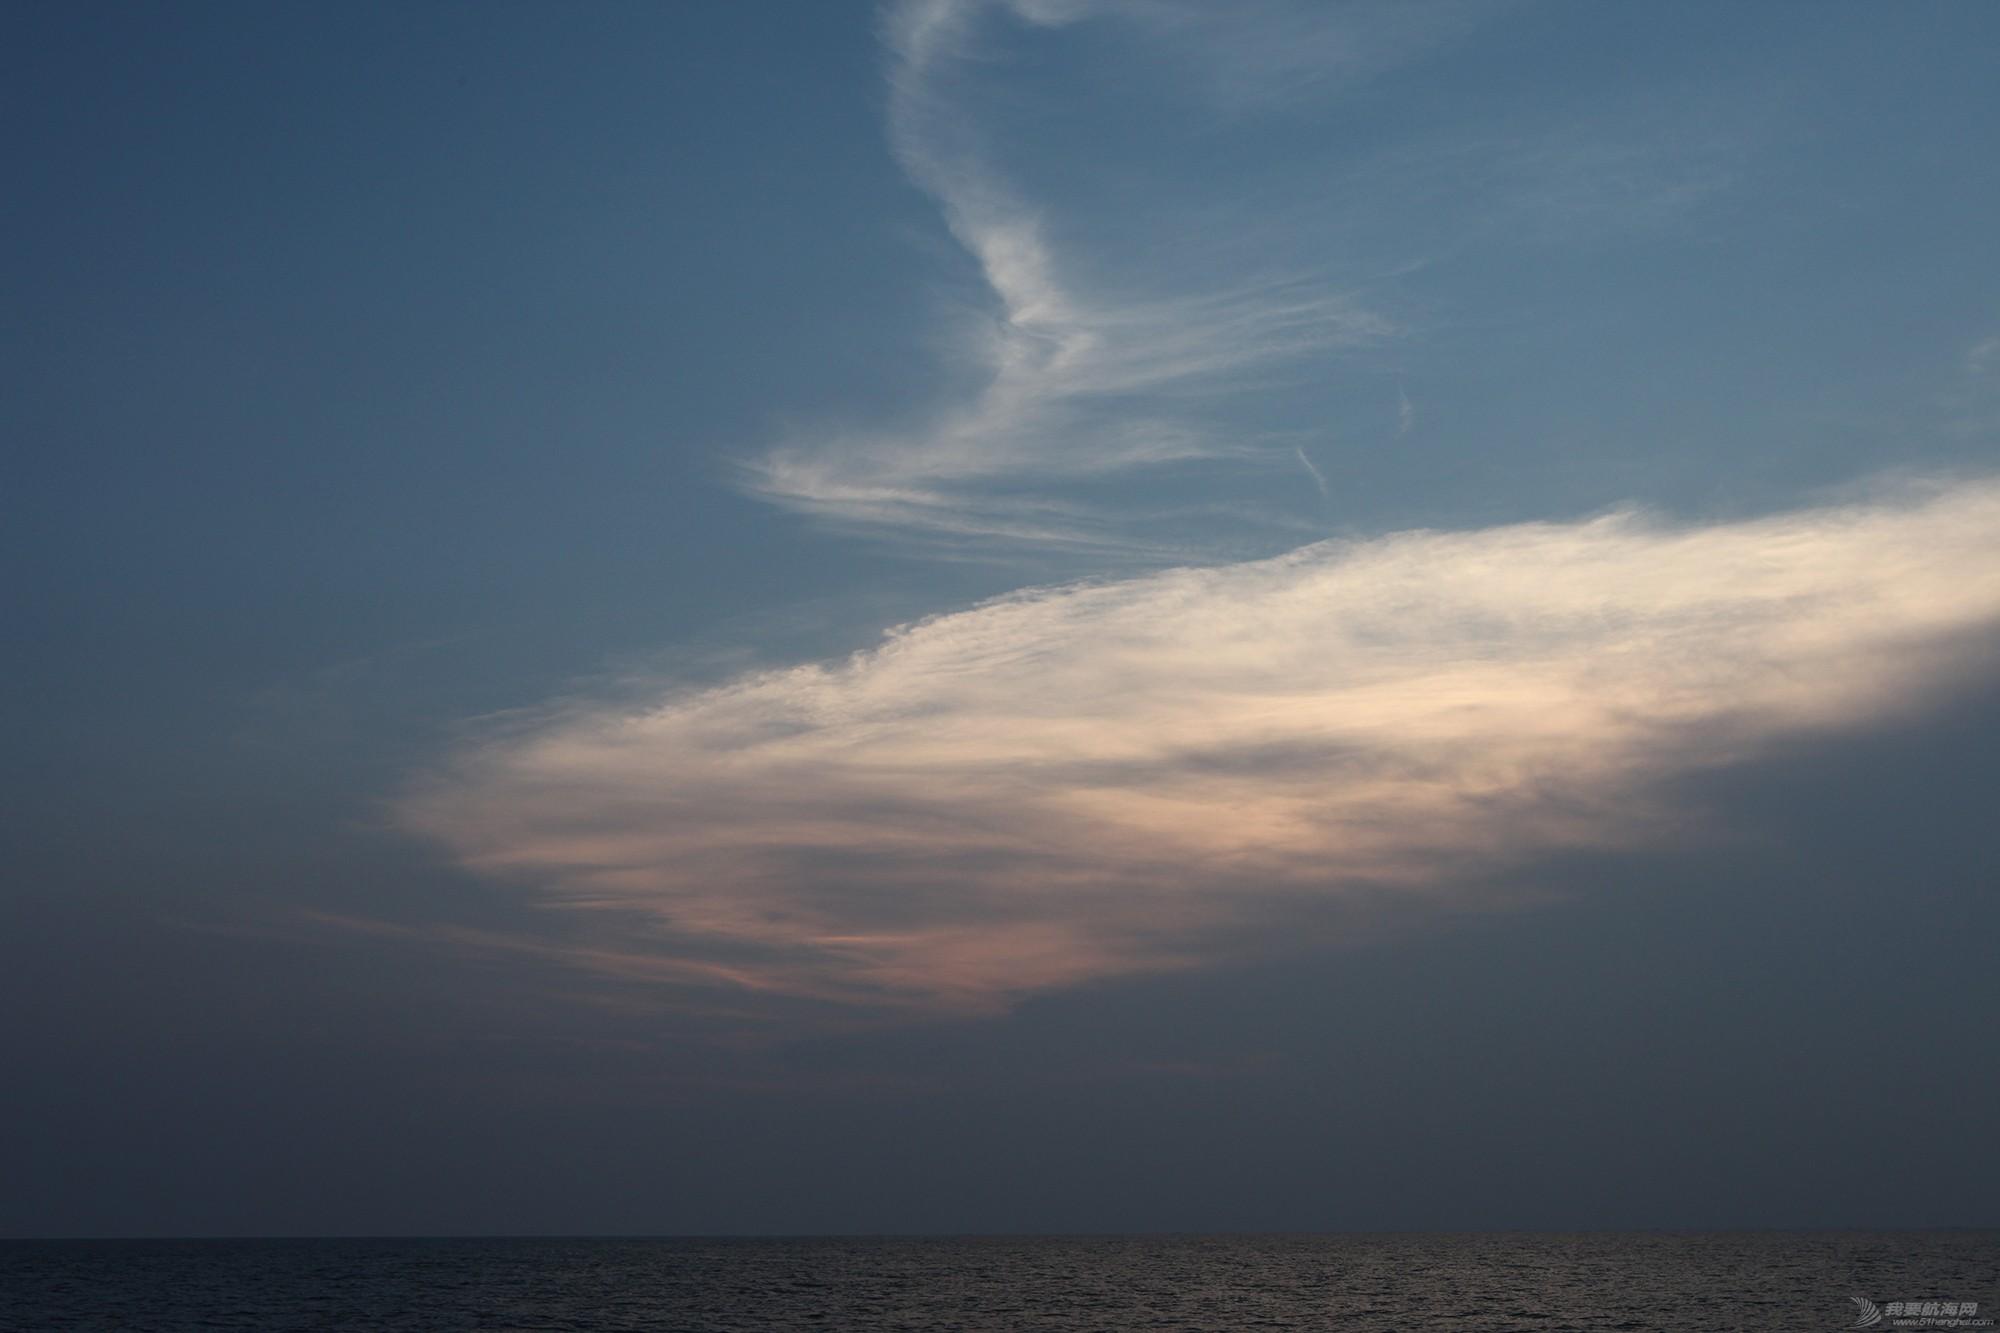 风和日丽,蚂蚁 浪汹雨疾初登蚂蚁岛,风和日丽次临将军石 IMG_6706.JPG